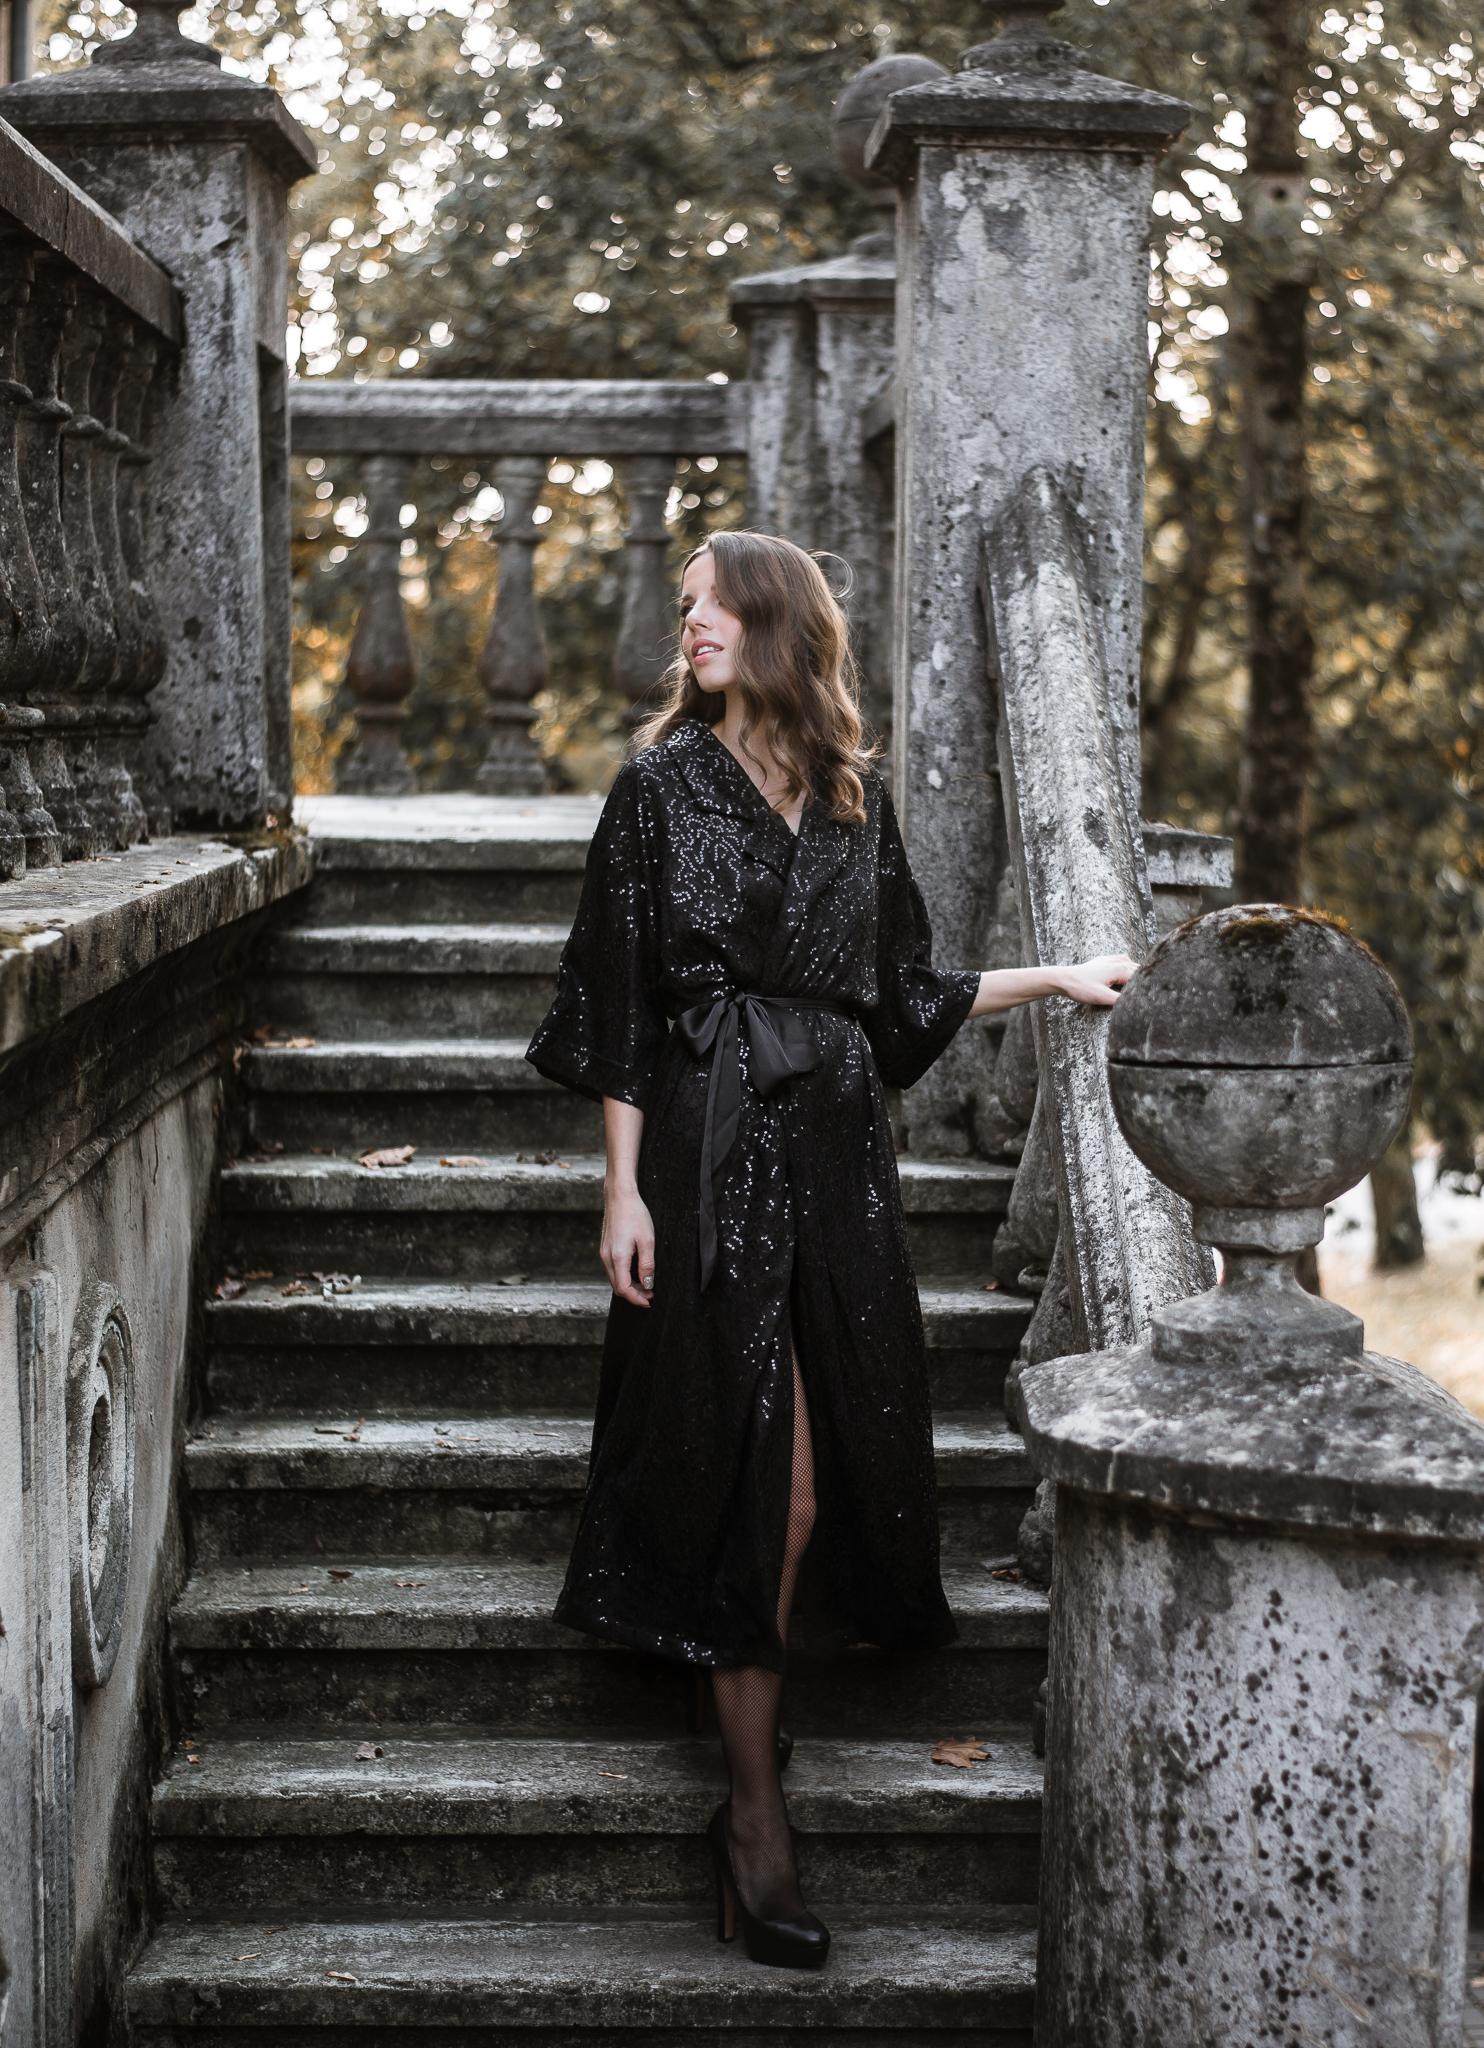 Gabija in our 'Eliia' kimono